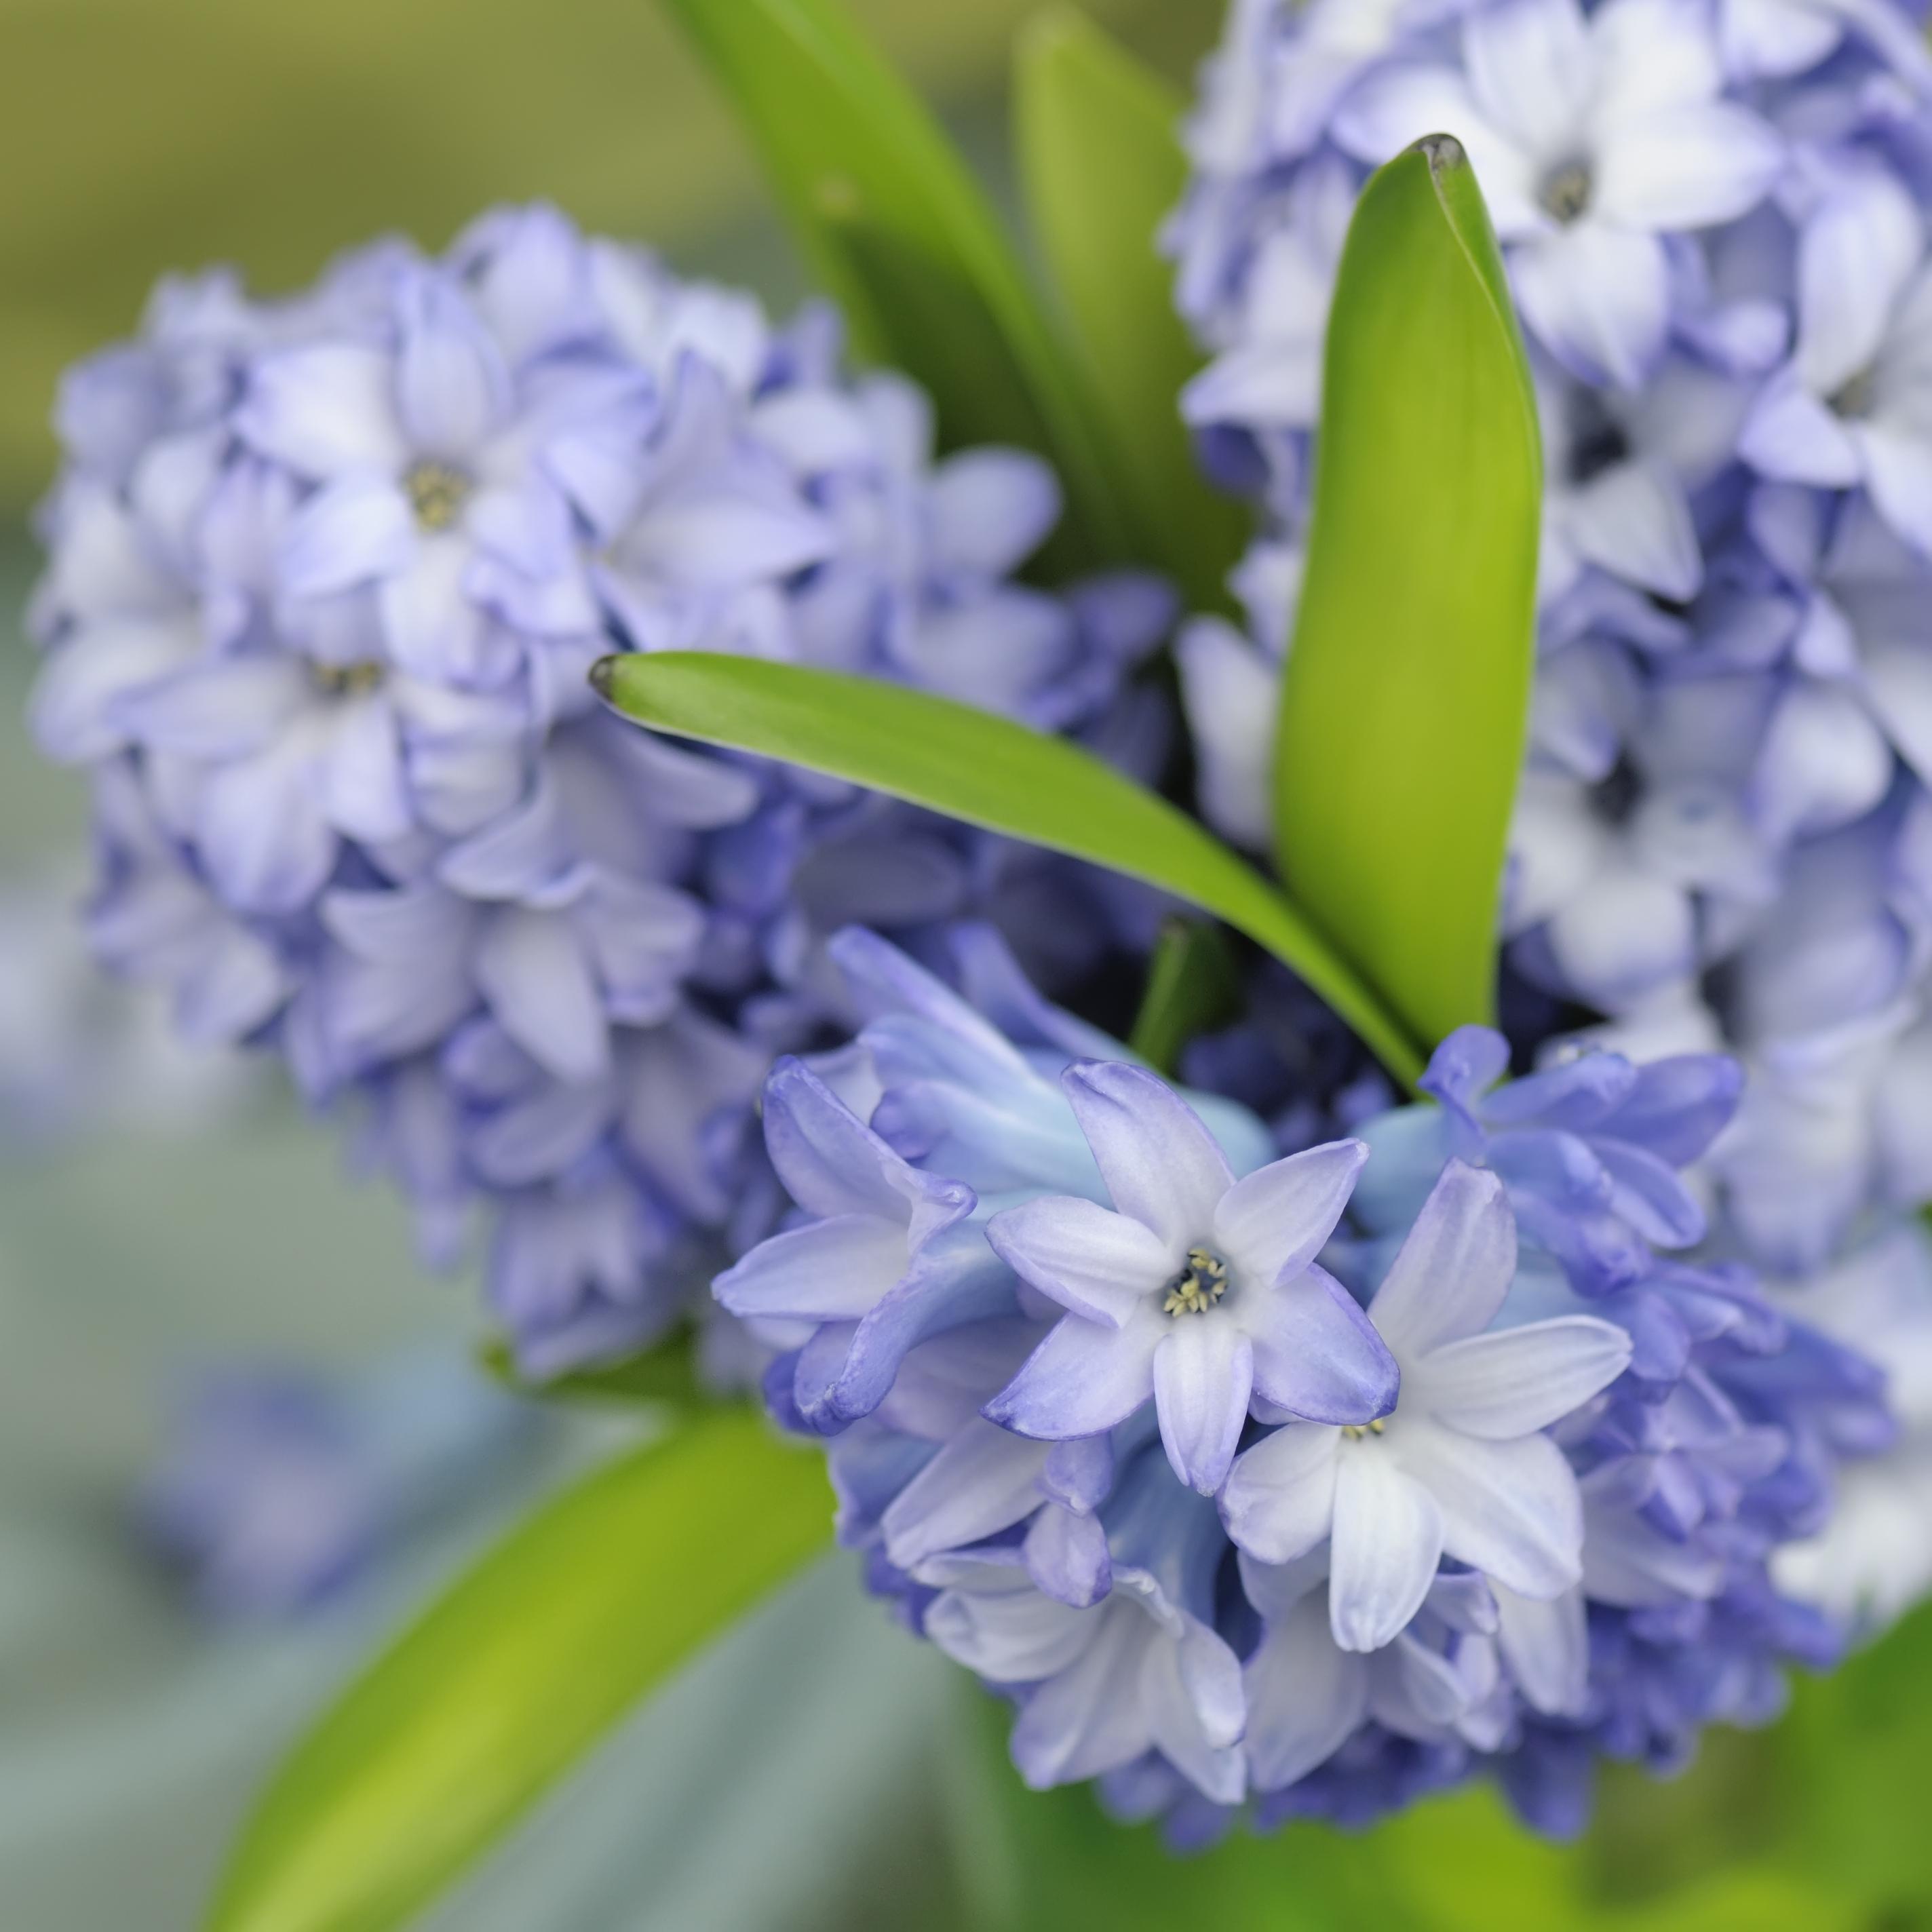 Цветок гиацинт многолетний: фото и описание, посадка, уход и выращивание гиацинтов в открытом грунте